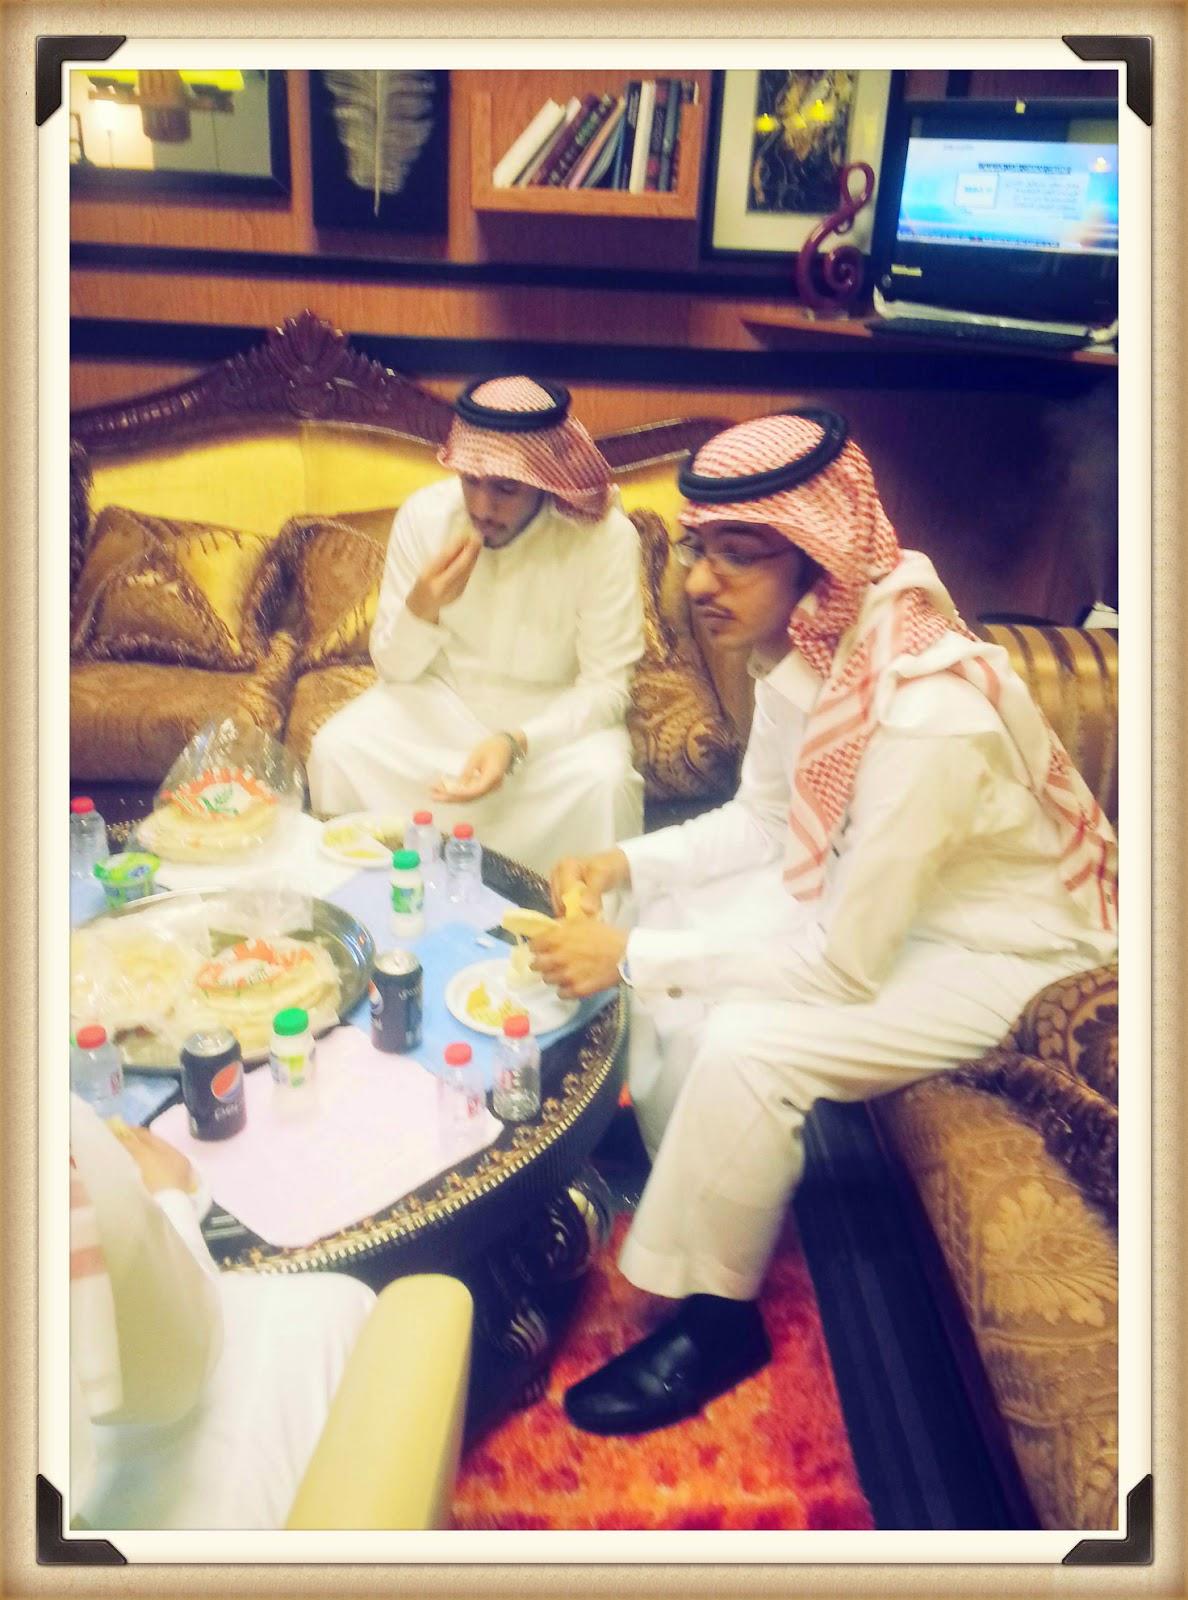 حفل المعايدة في مكتب المنتج الفني خالد أبو حشي